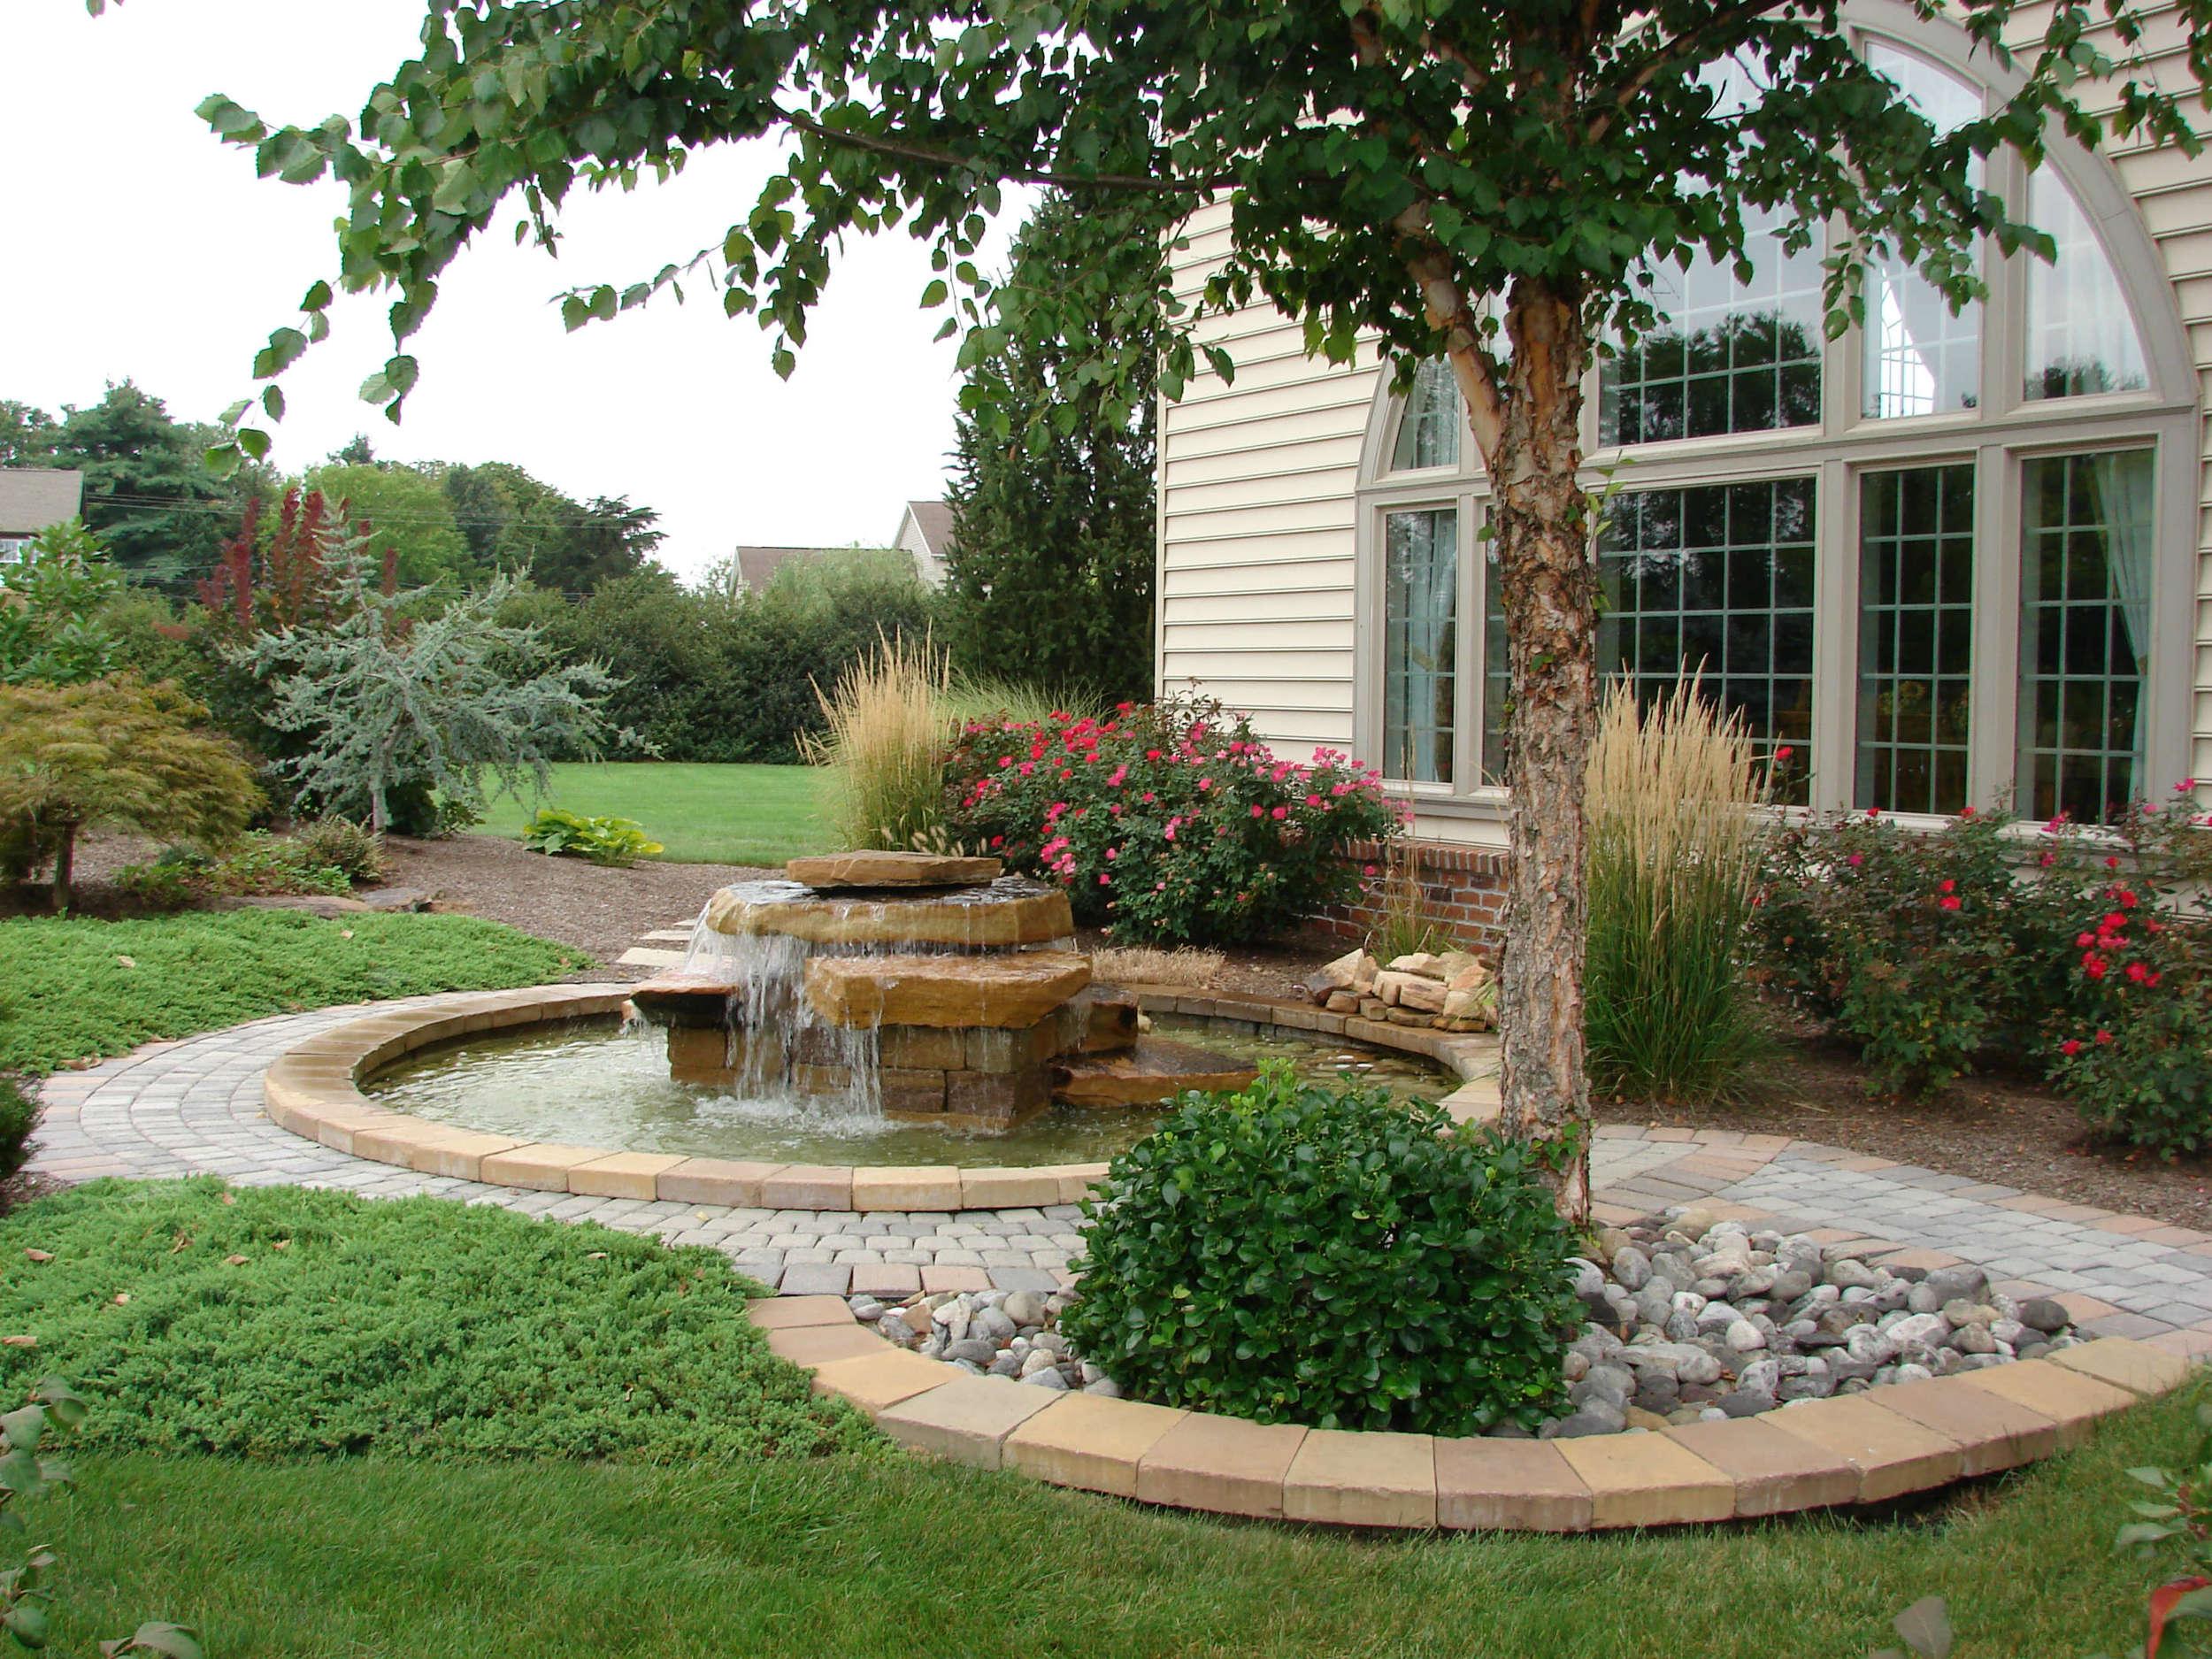 D L Fireplace Gardens